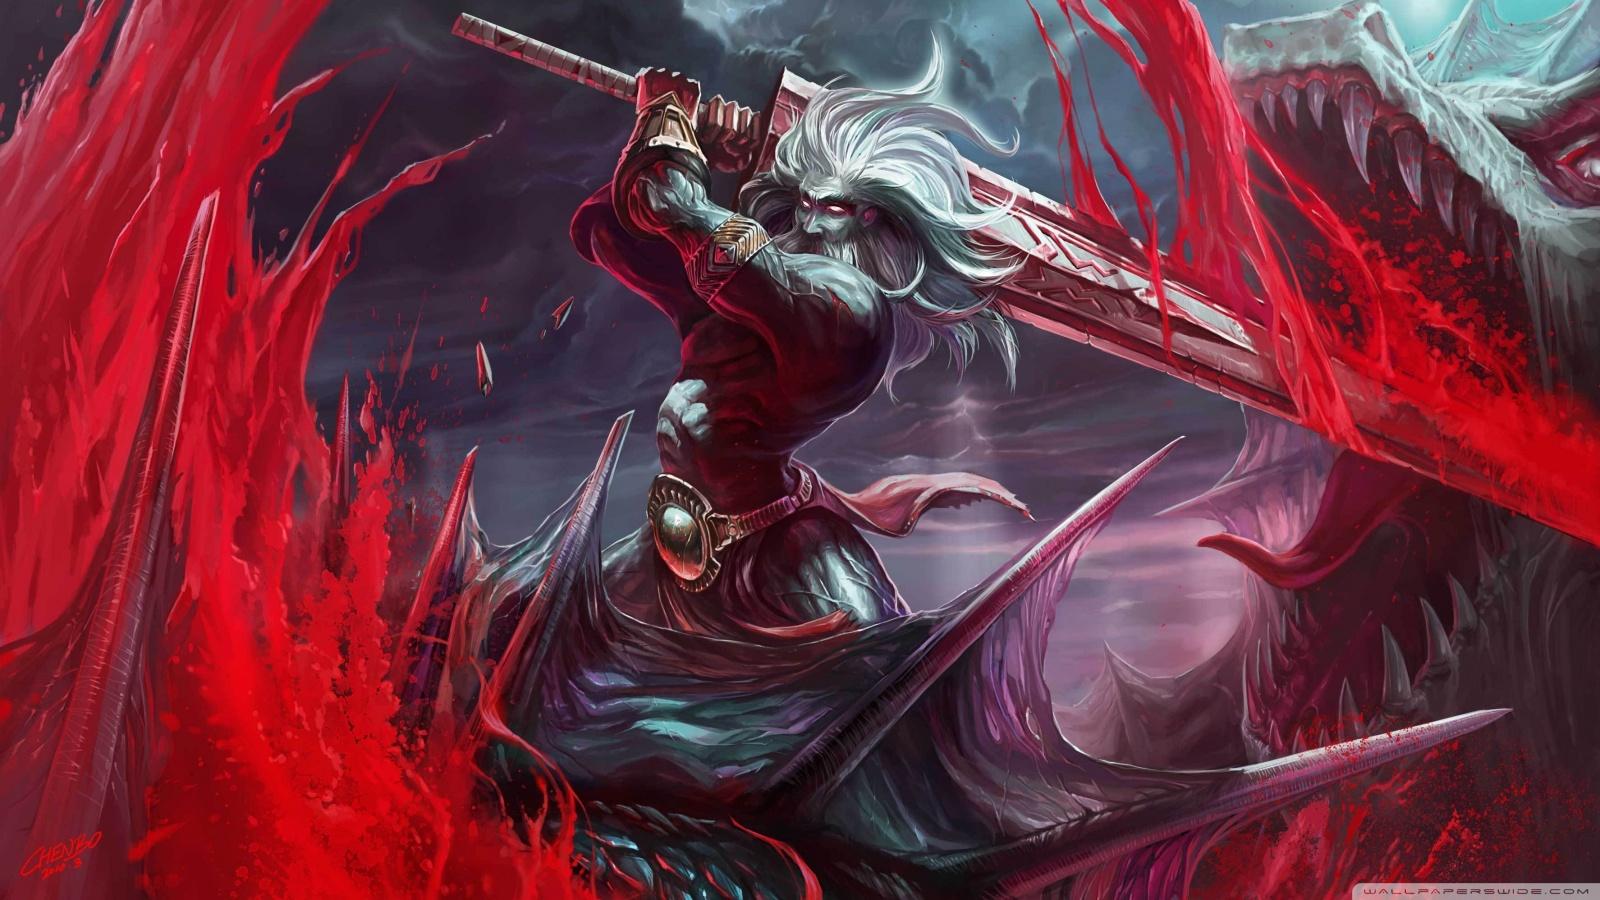 Warrior Girl Wallpaper Hd Bloody Battle 4k Hd Desktop Wallpaper For 4k Ultra Hd Tv